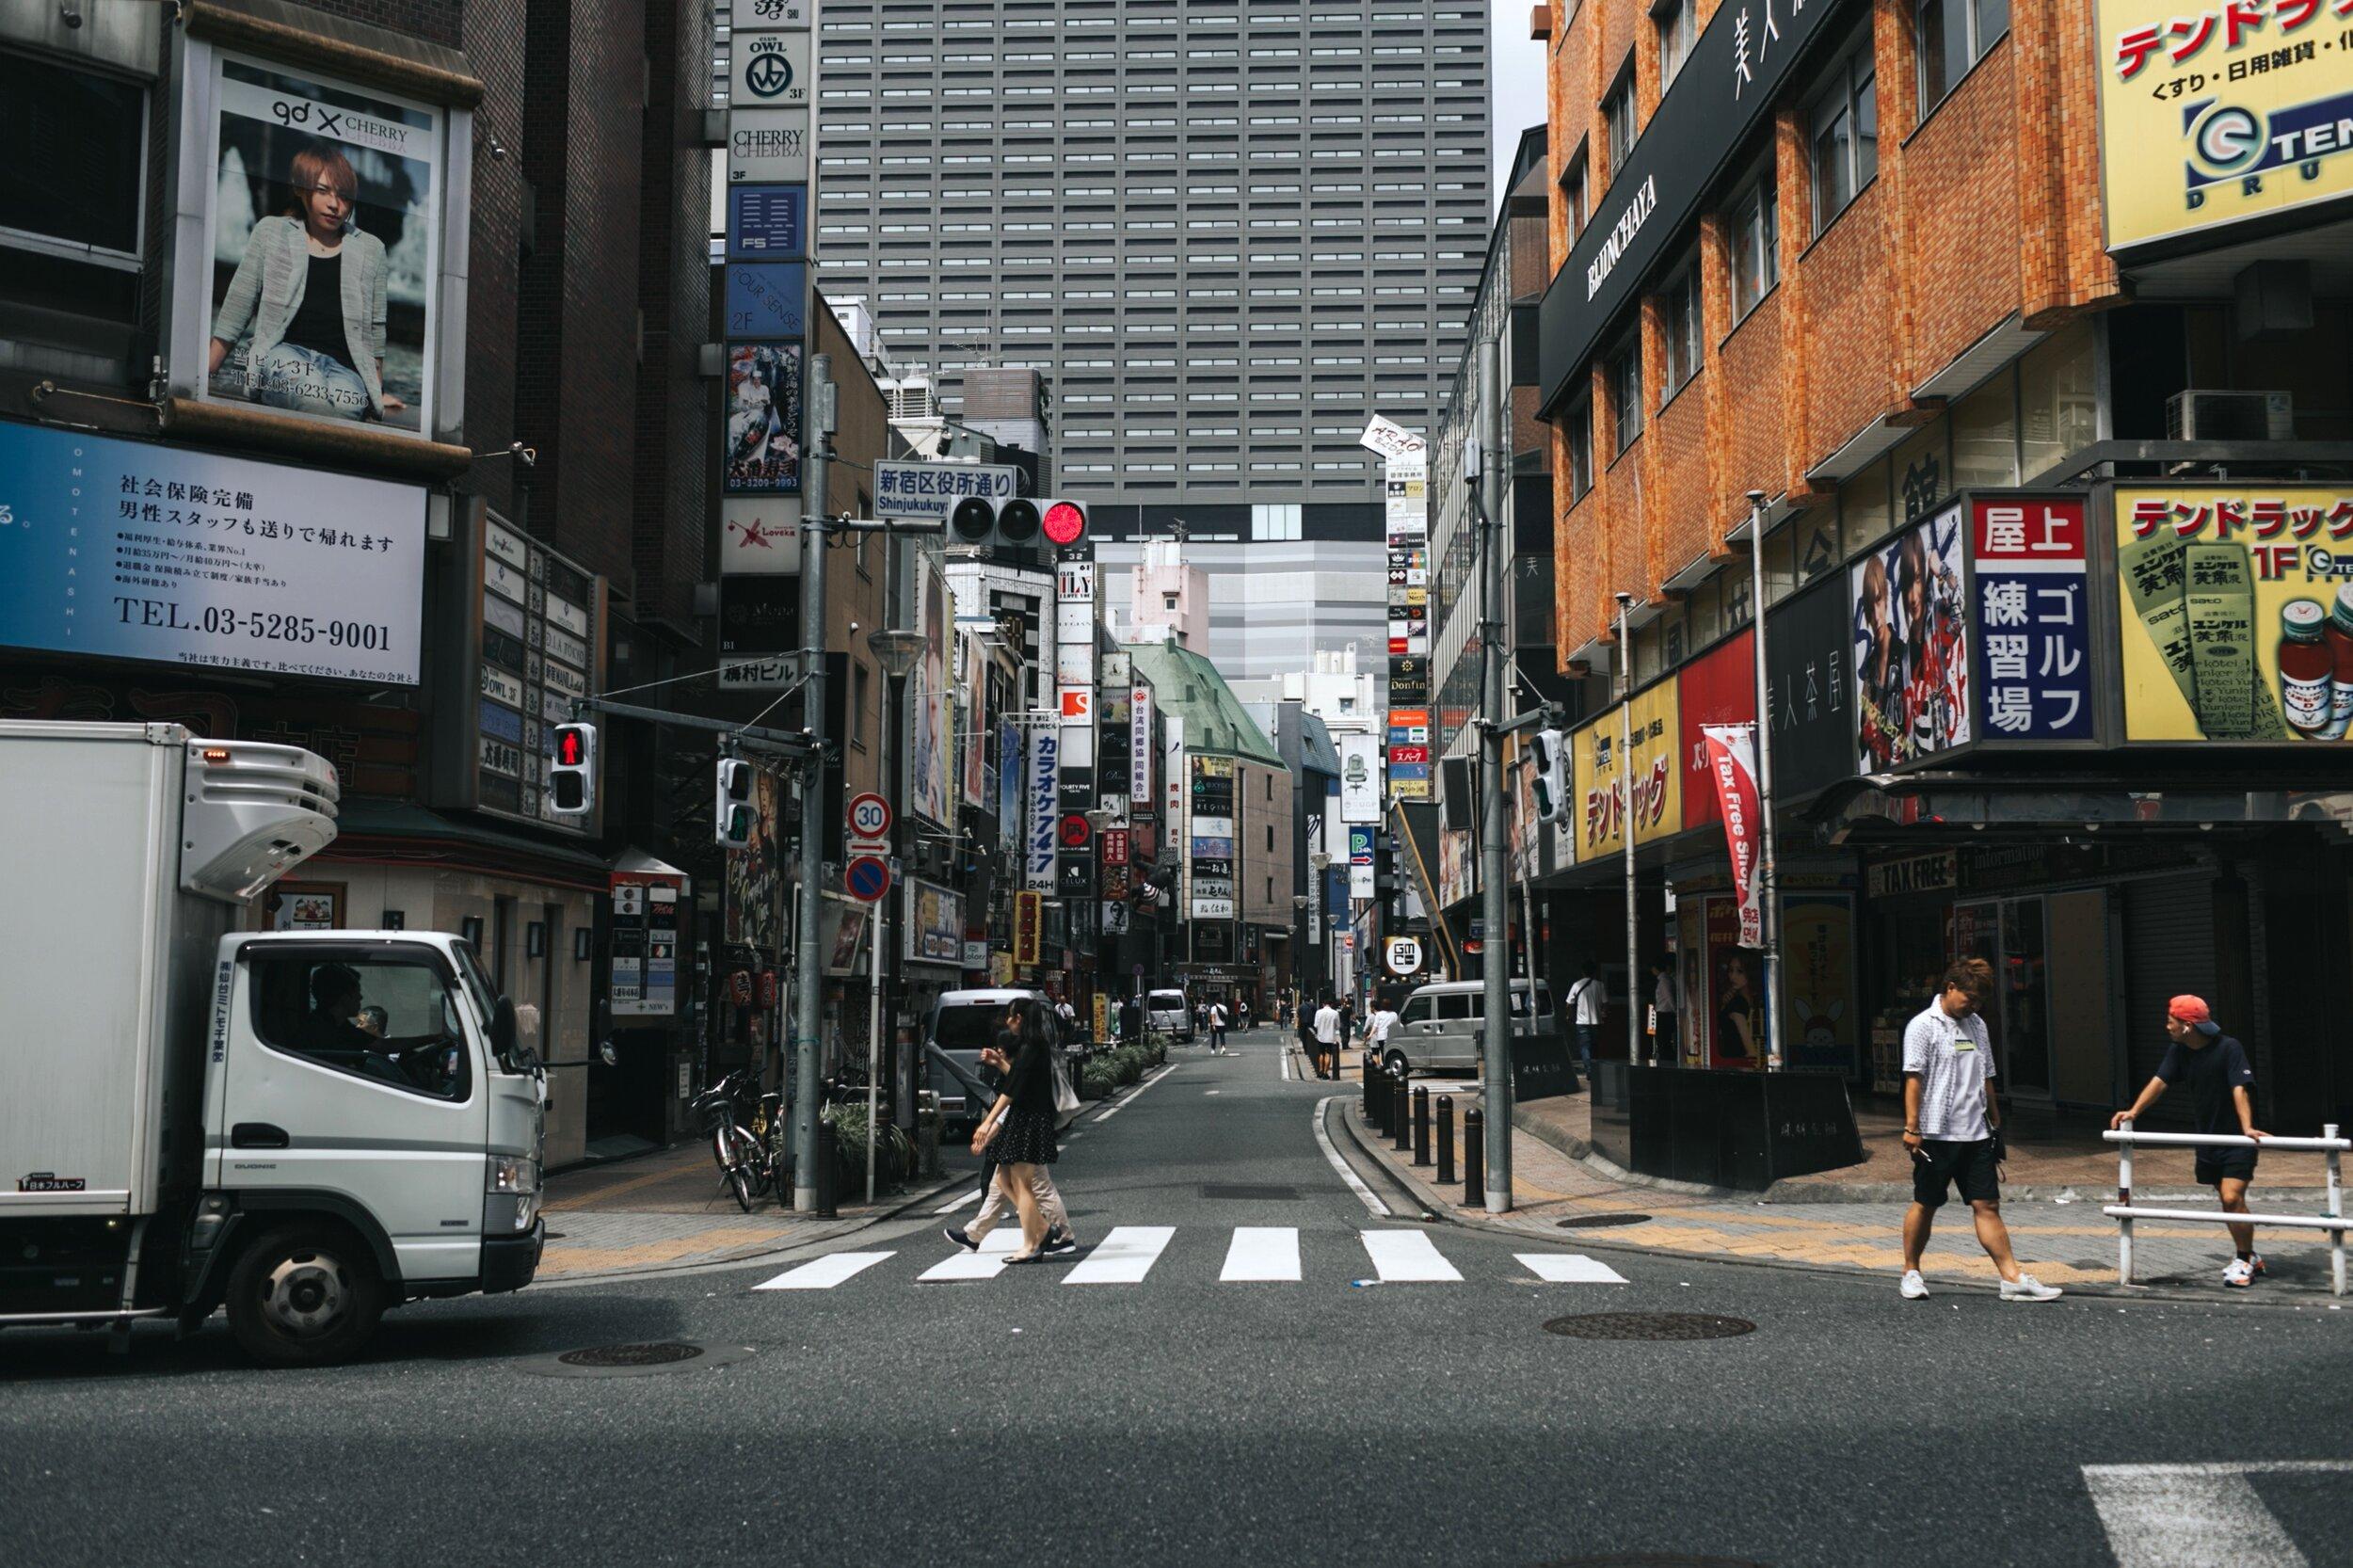 tokyo sept 2019-2.jpg